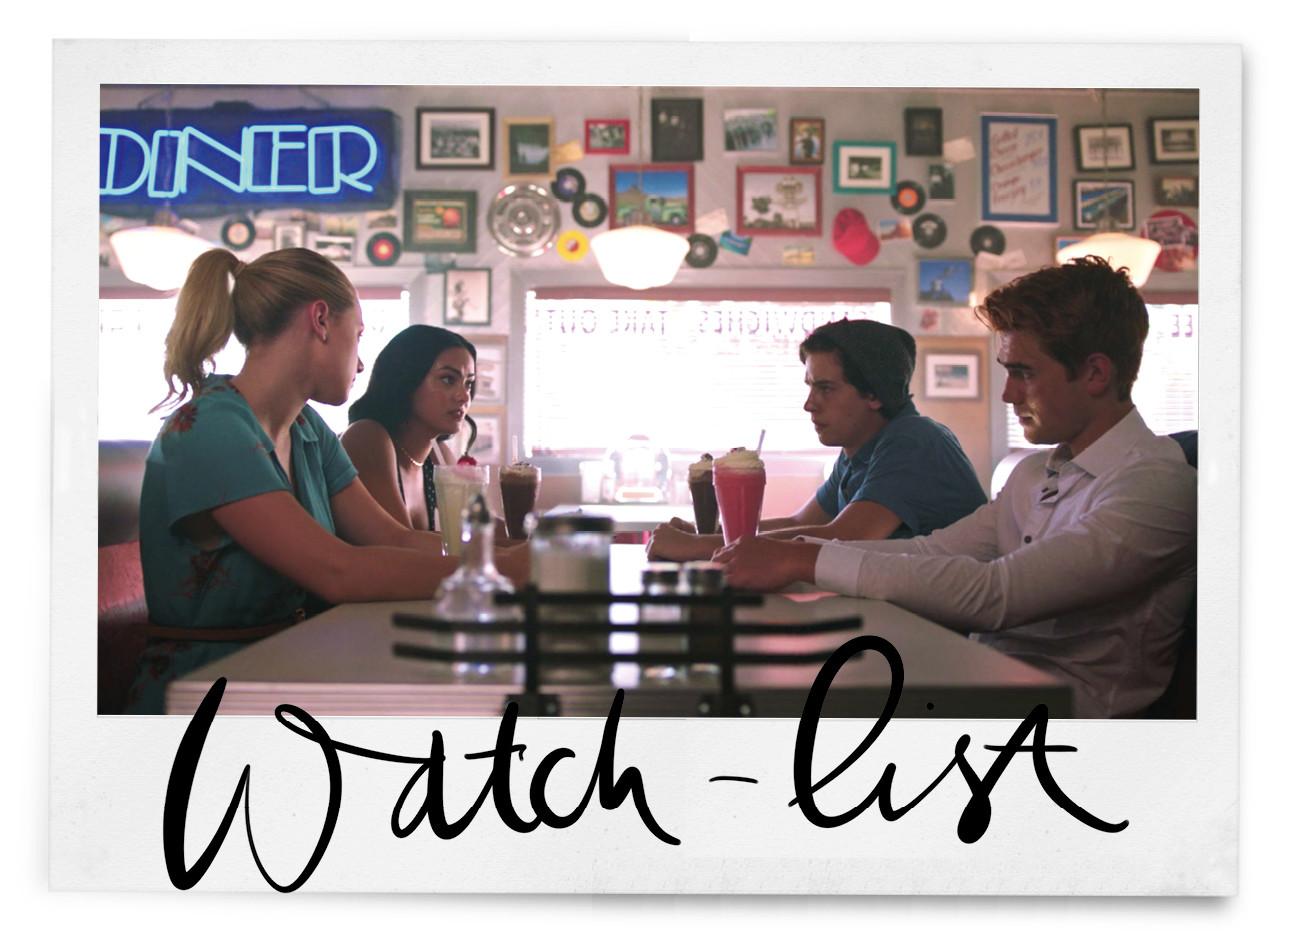 2 meiden en 2 jongens die aan een witte tafel zitten in een diner op de achtergrond een raam